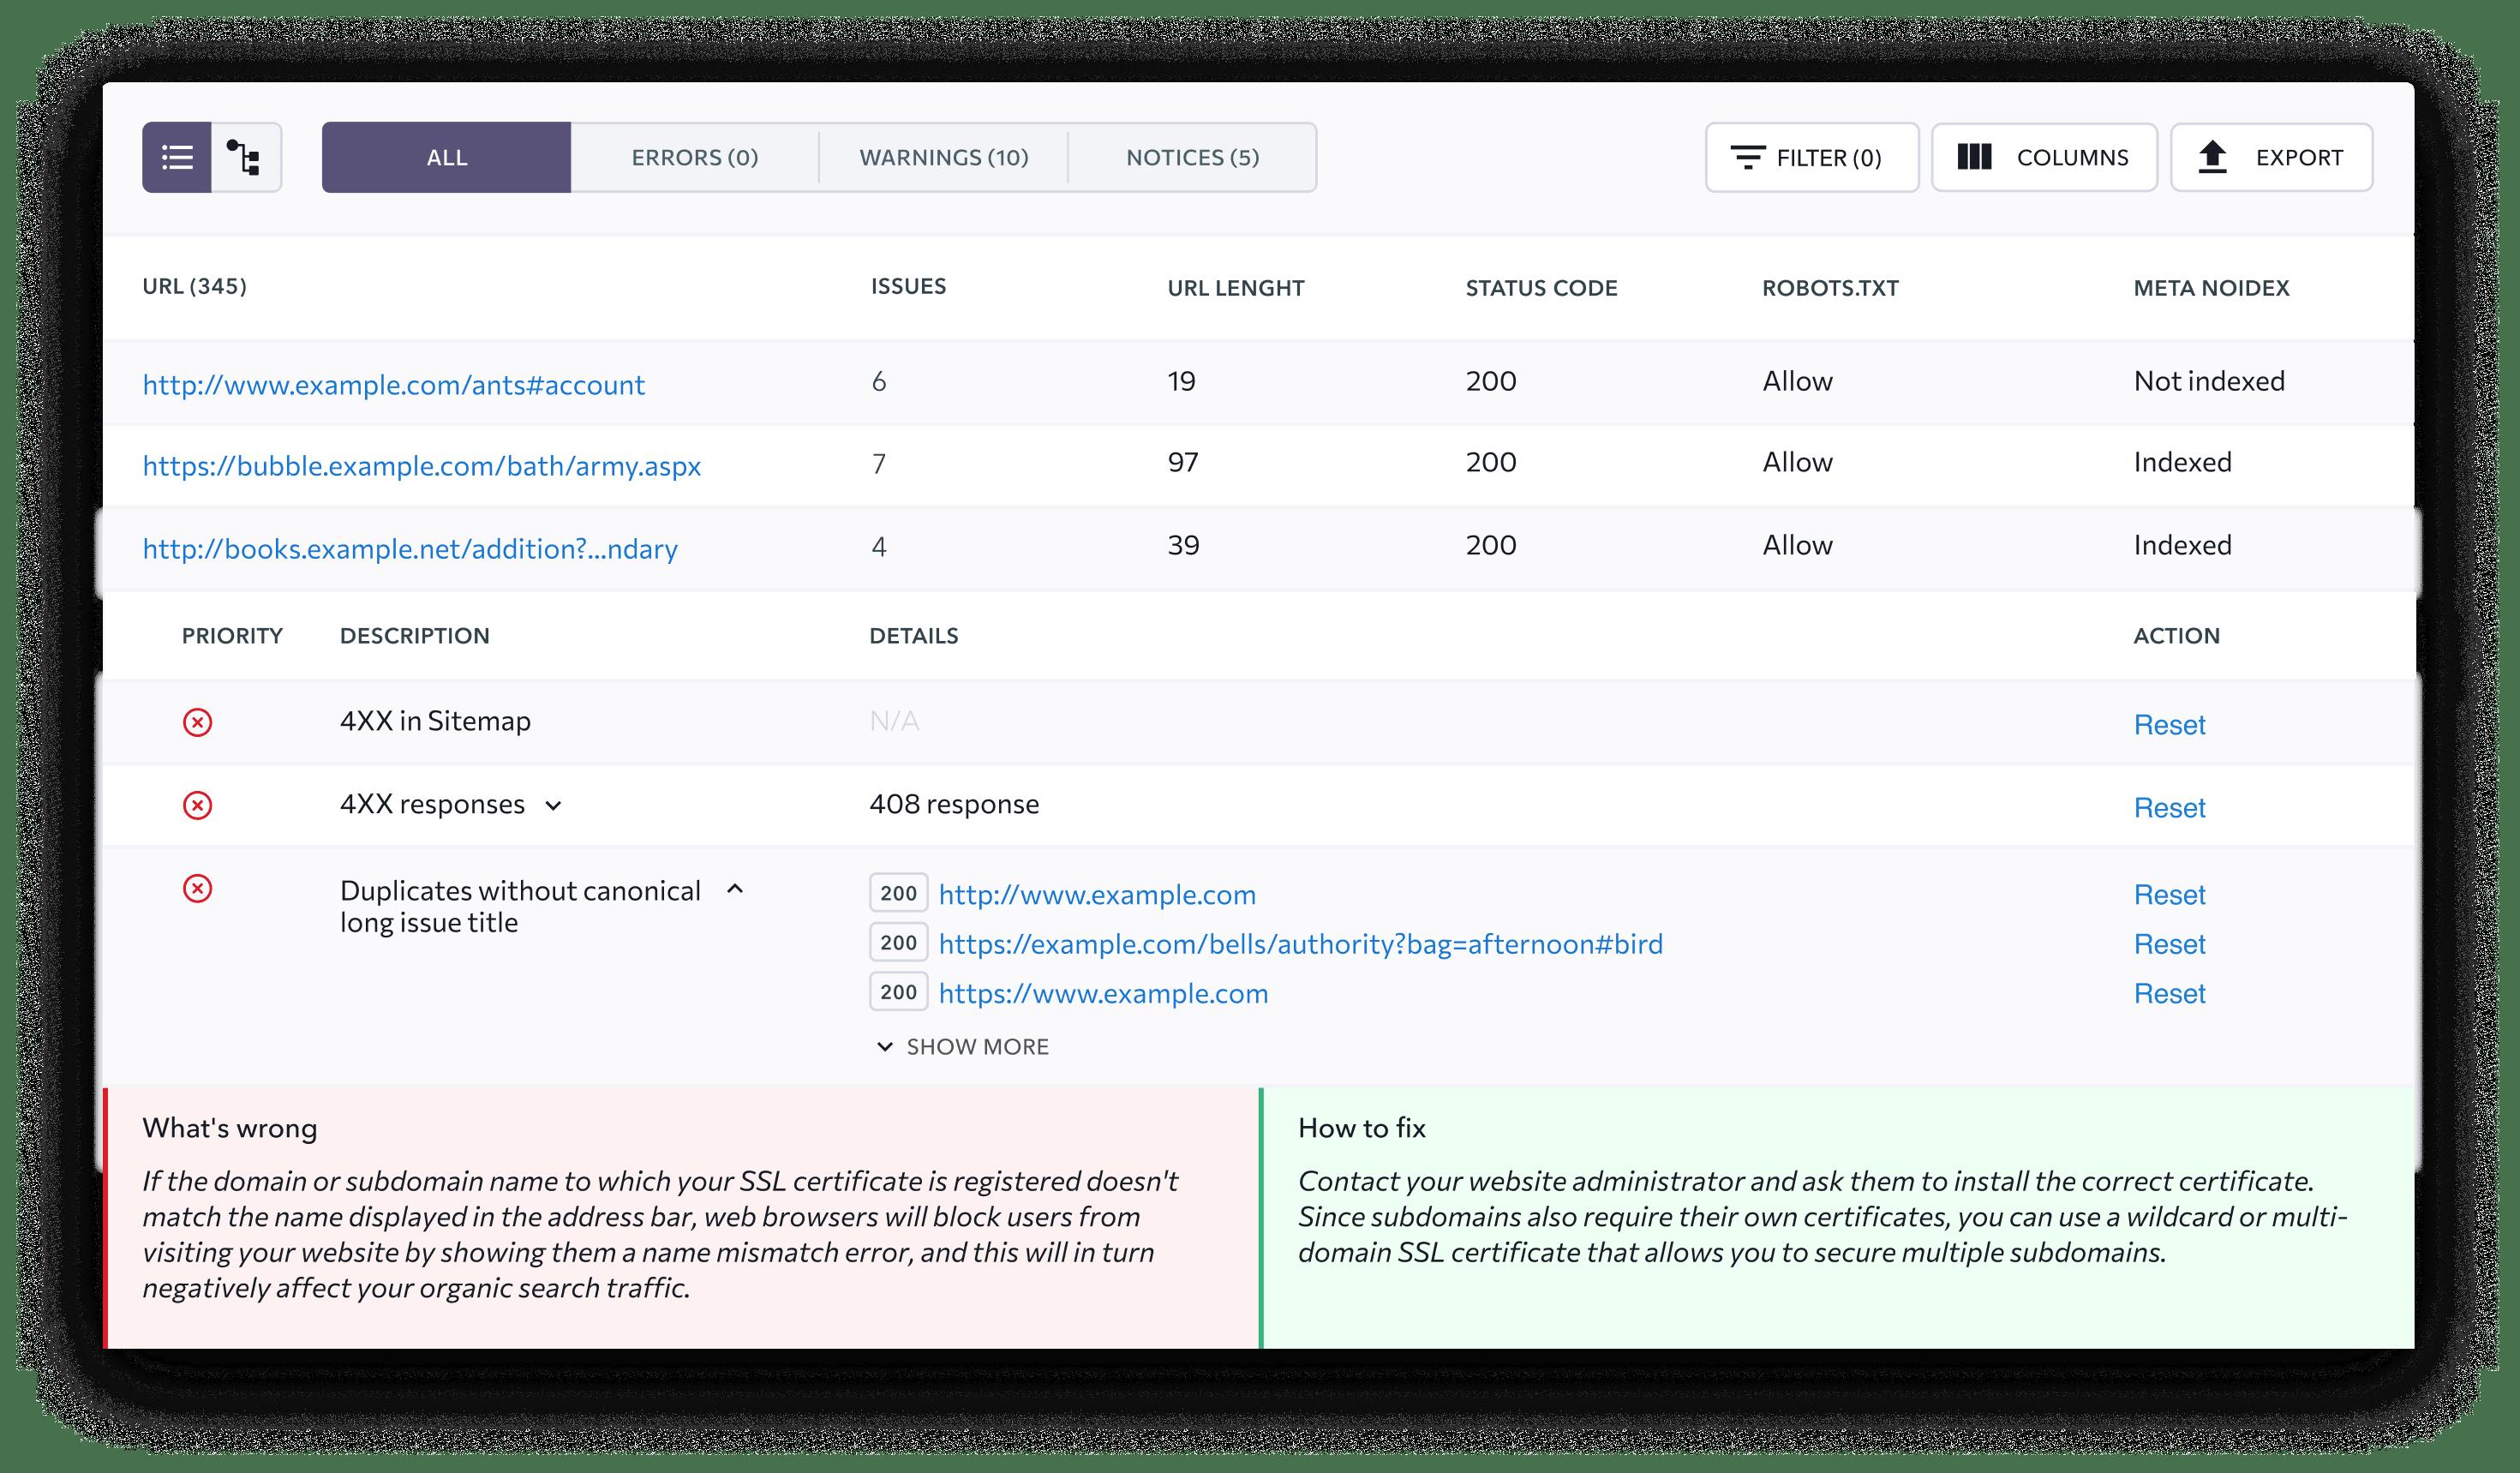 Todas las métricas principales para cada página, enlace o recurso